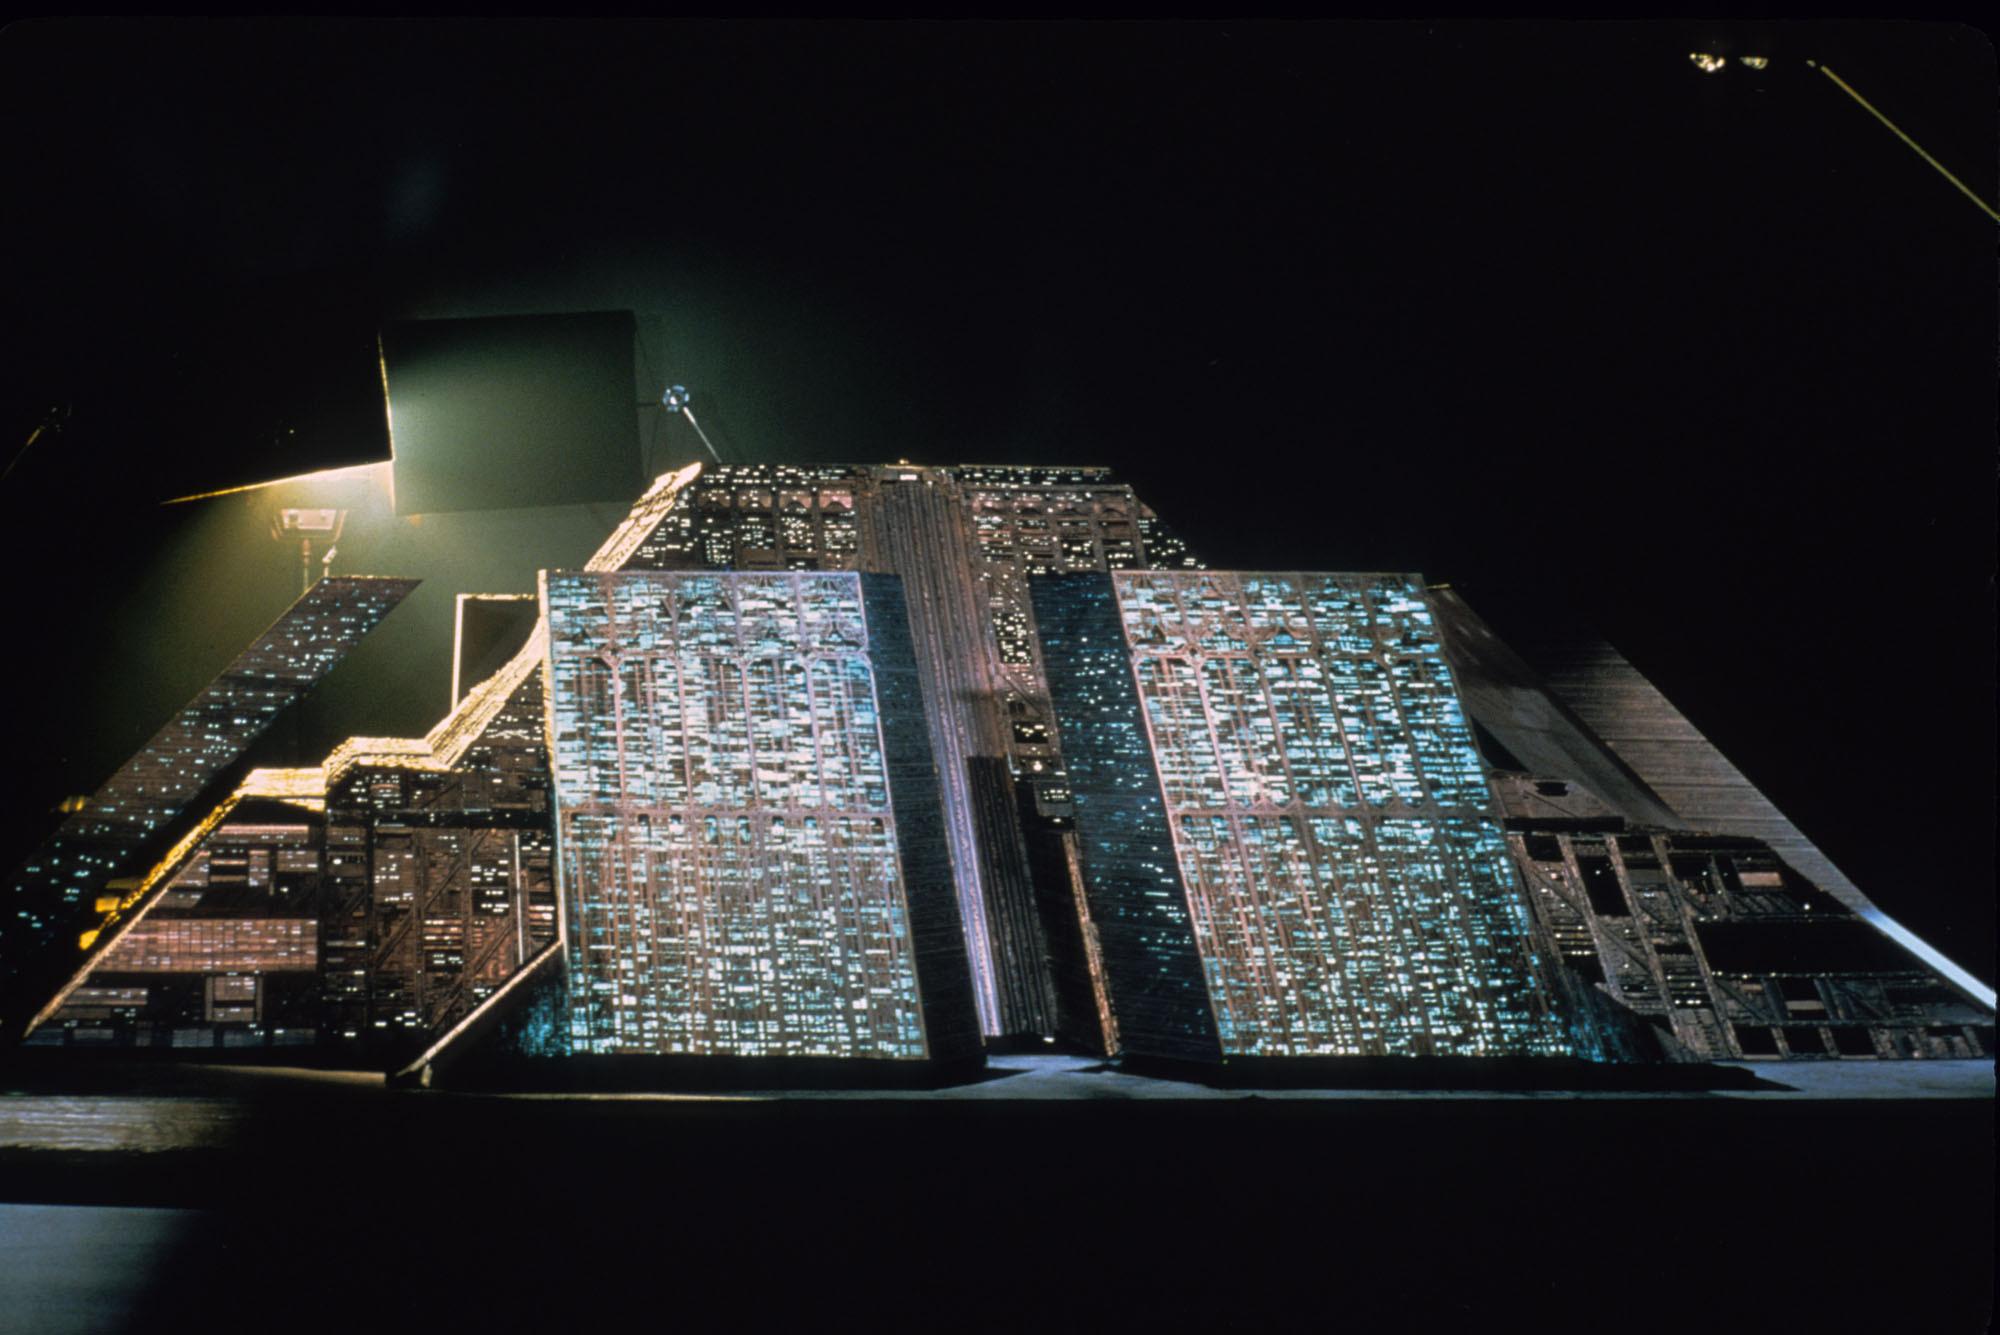 142 fotografías de las maquetas de Blade Runner, Imagen via Imgur